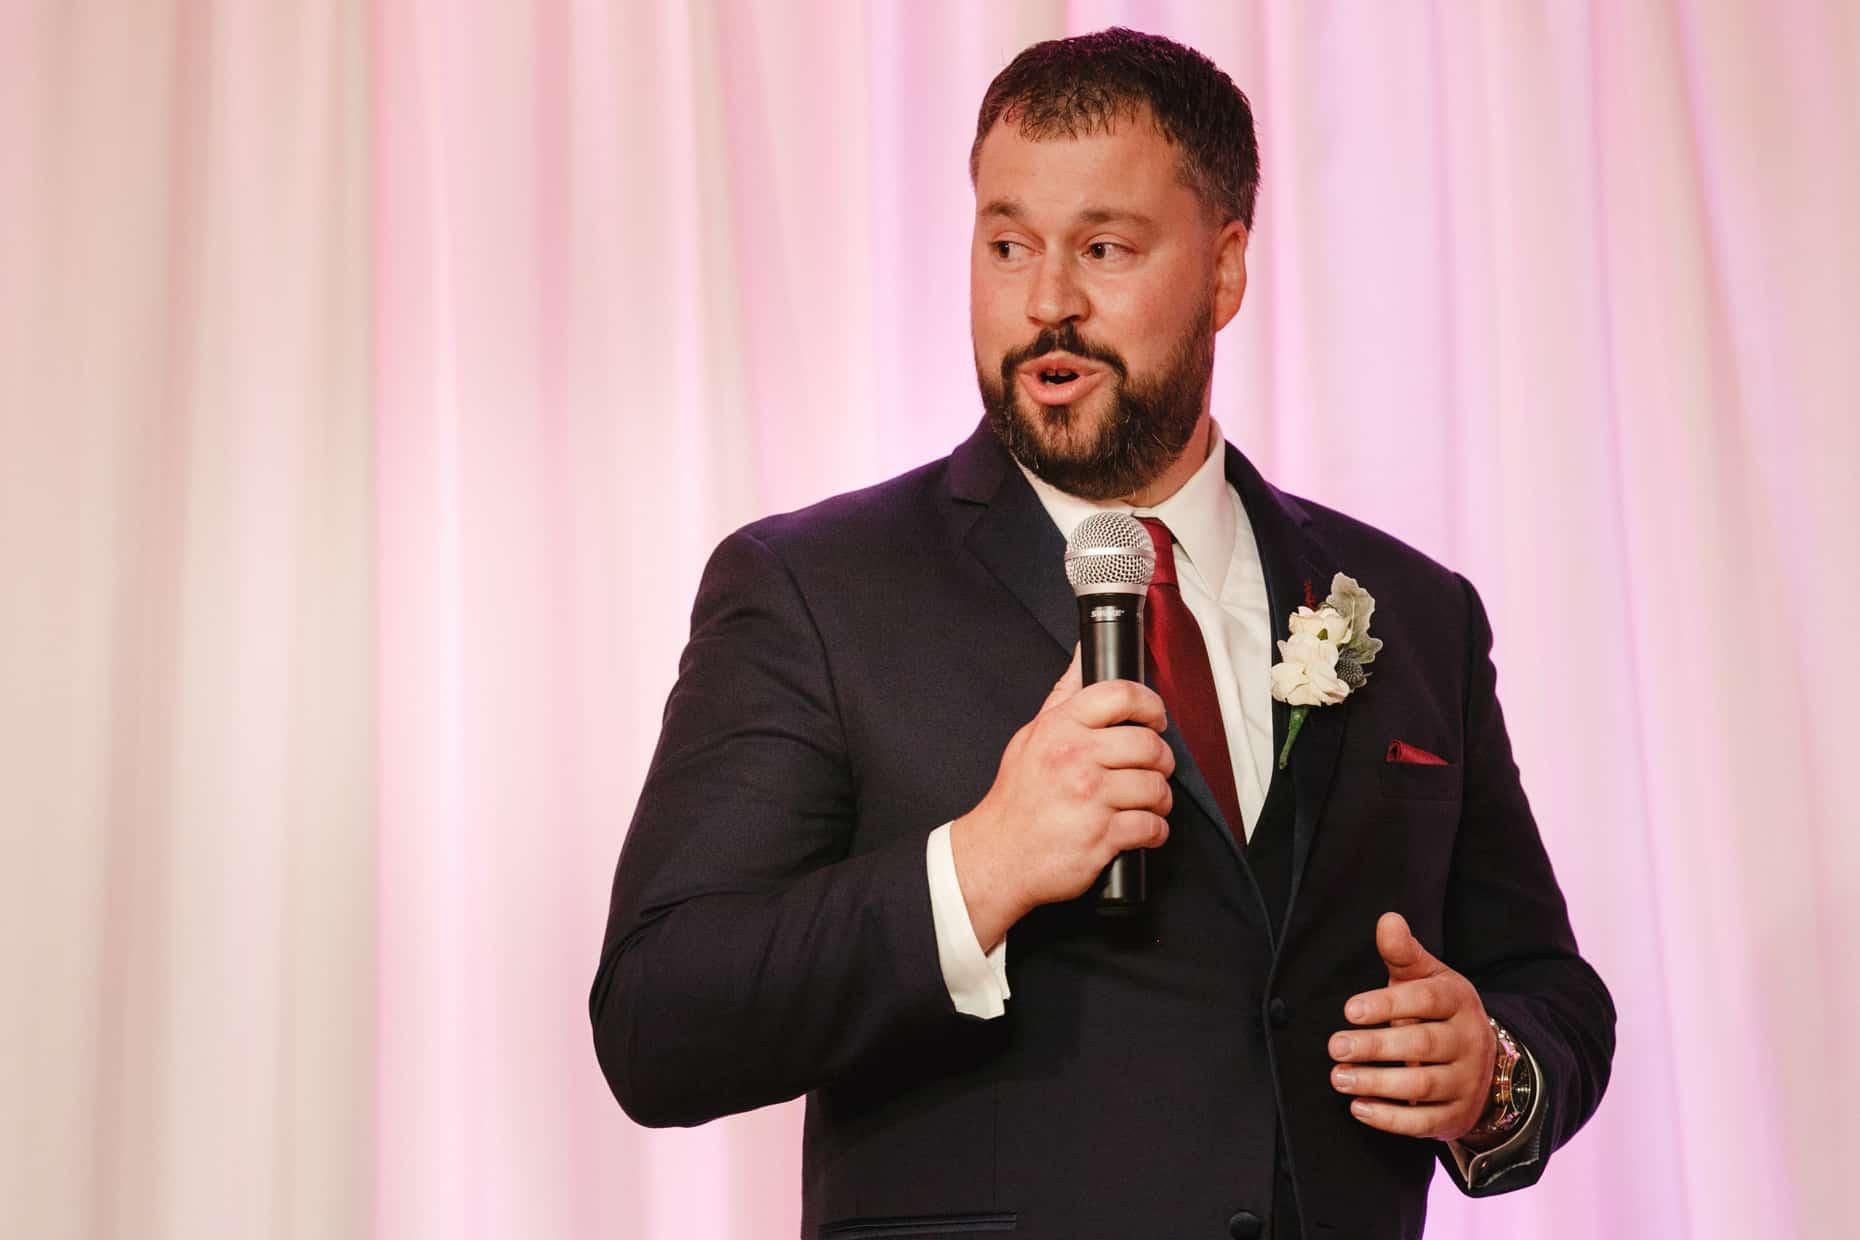 Philadelphia Wedding Picture